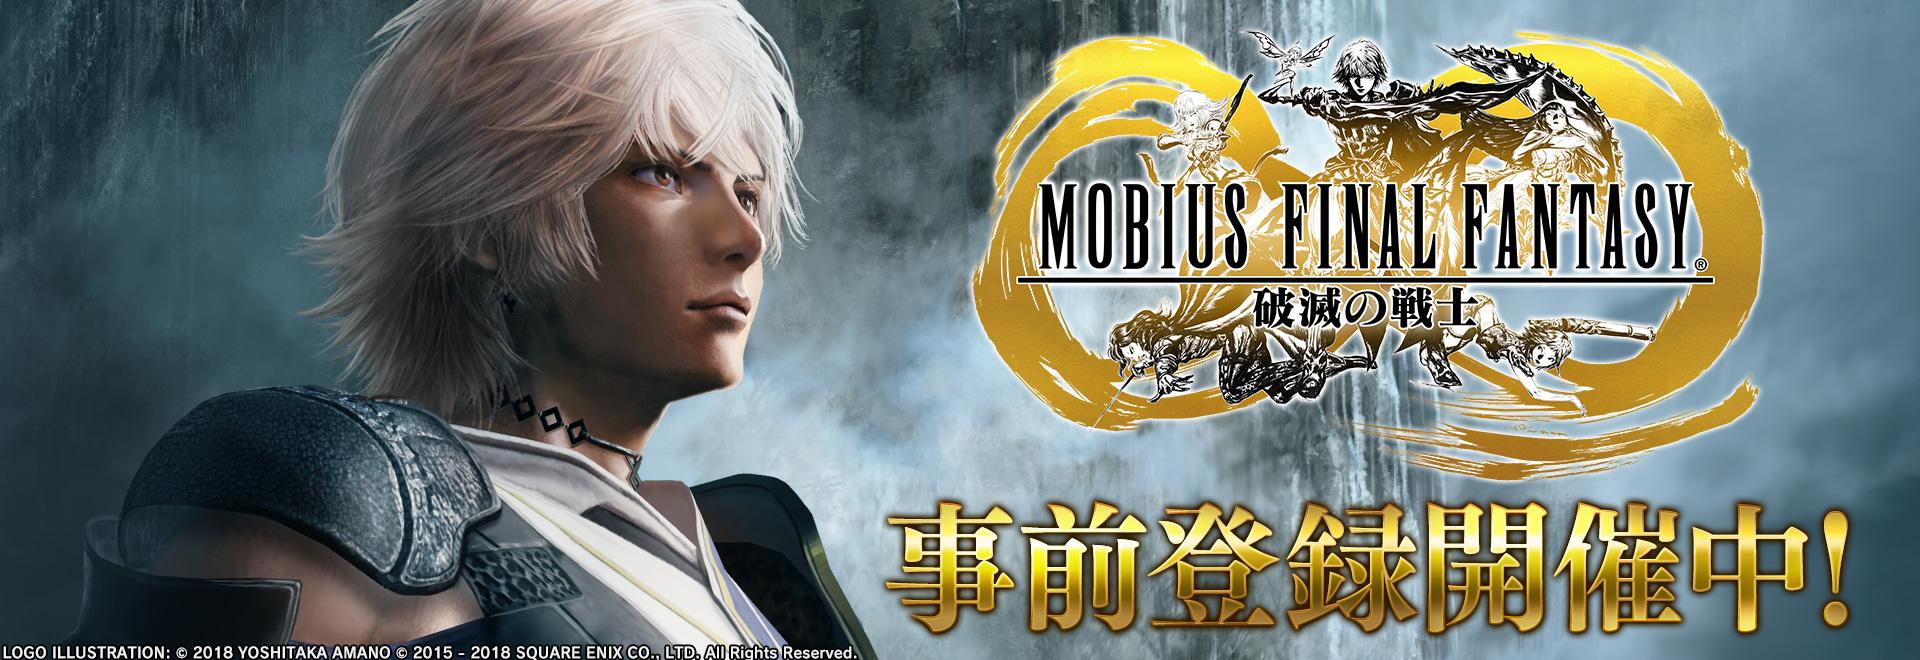 Bn 180330 mobius